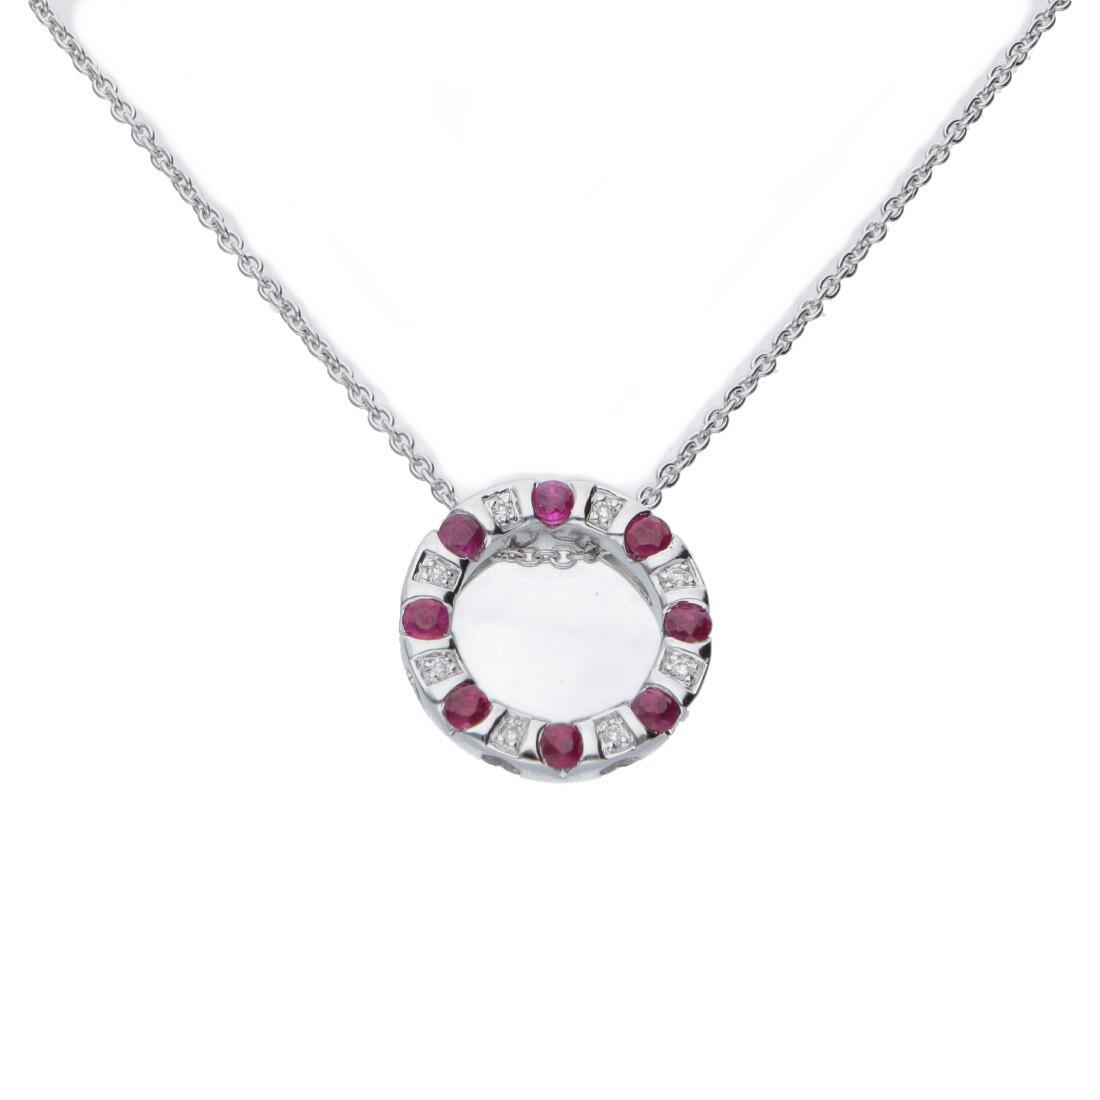 Collana con penente in oro bianco, diamanti ct 0.024 e rubini - BLISS